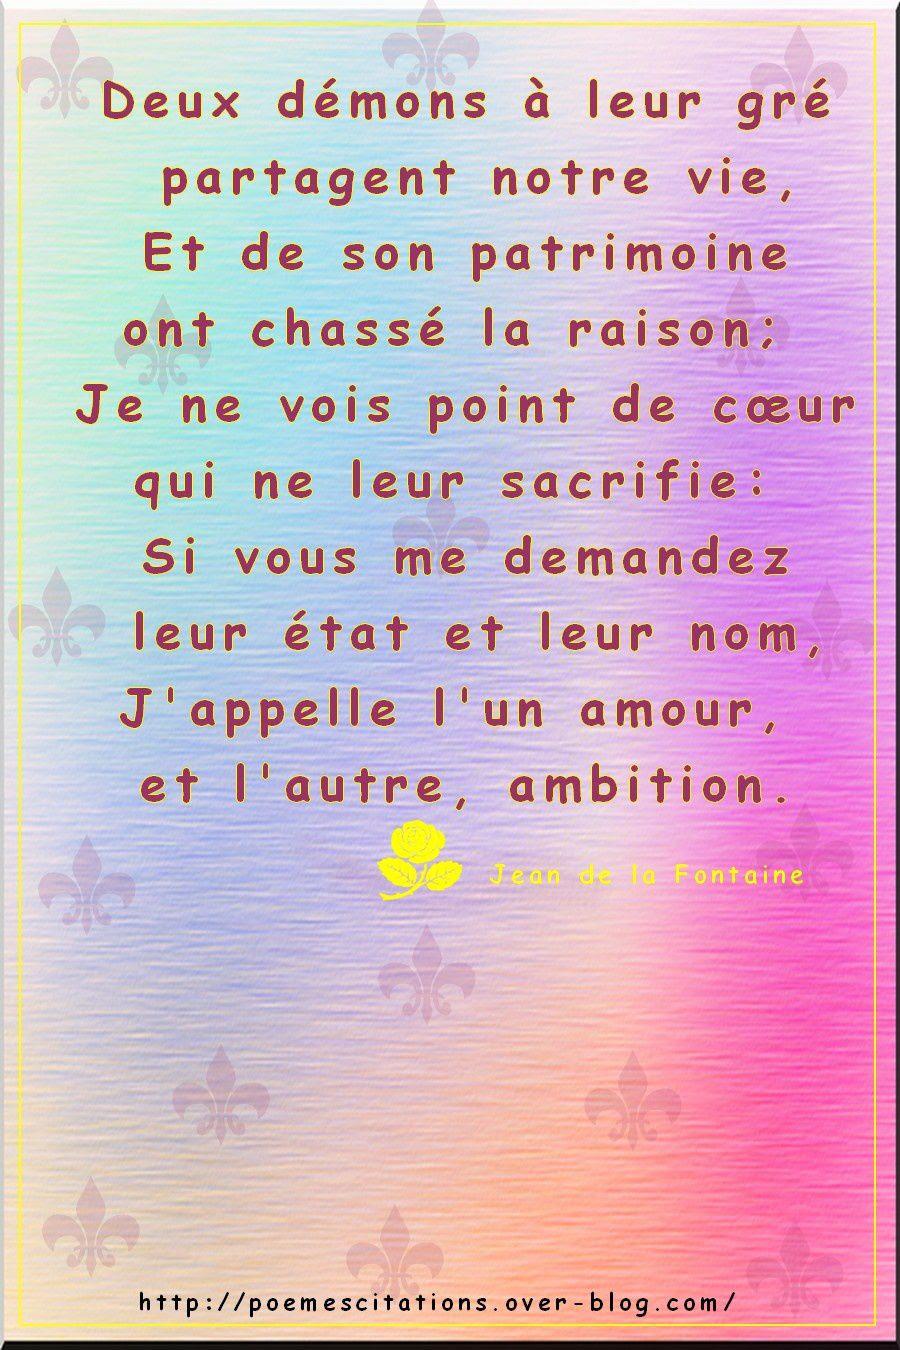 Amour Et Ambition Poèmes Et Citations